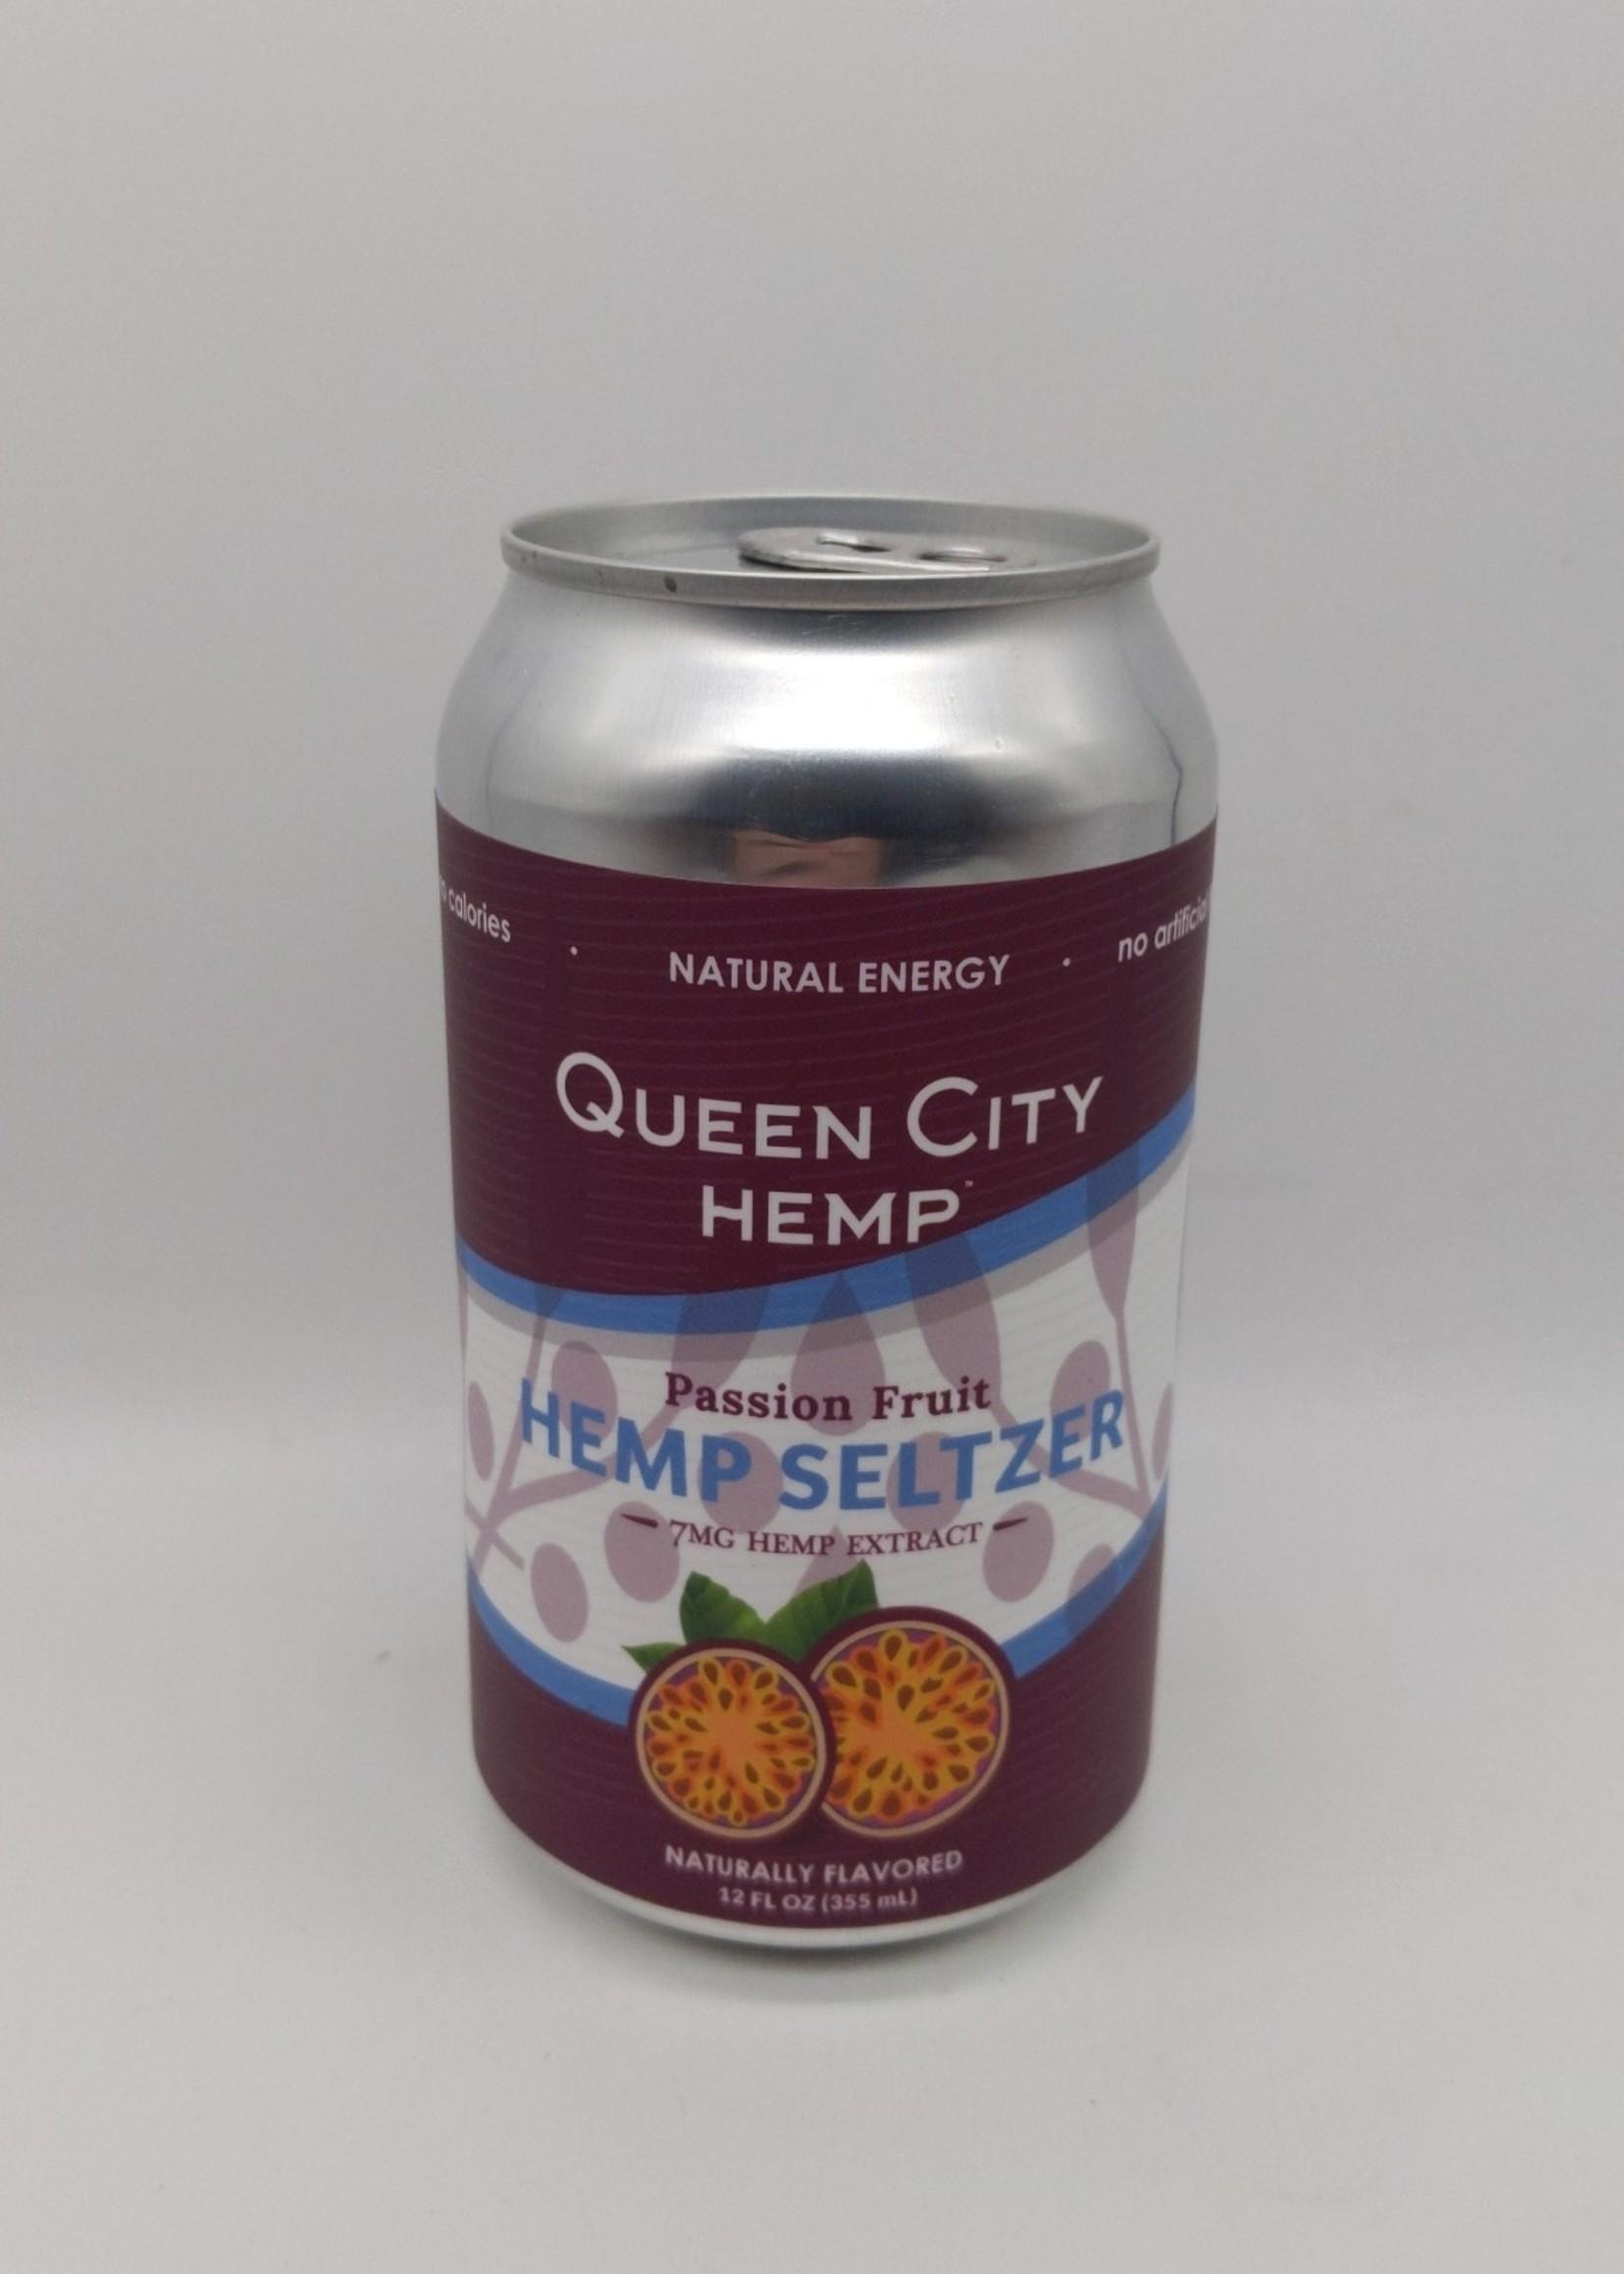 QUEEN CITY HEMP SELTZER PASSION FRUIT 12 oz